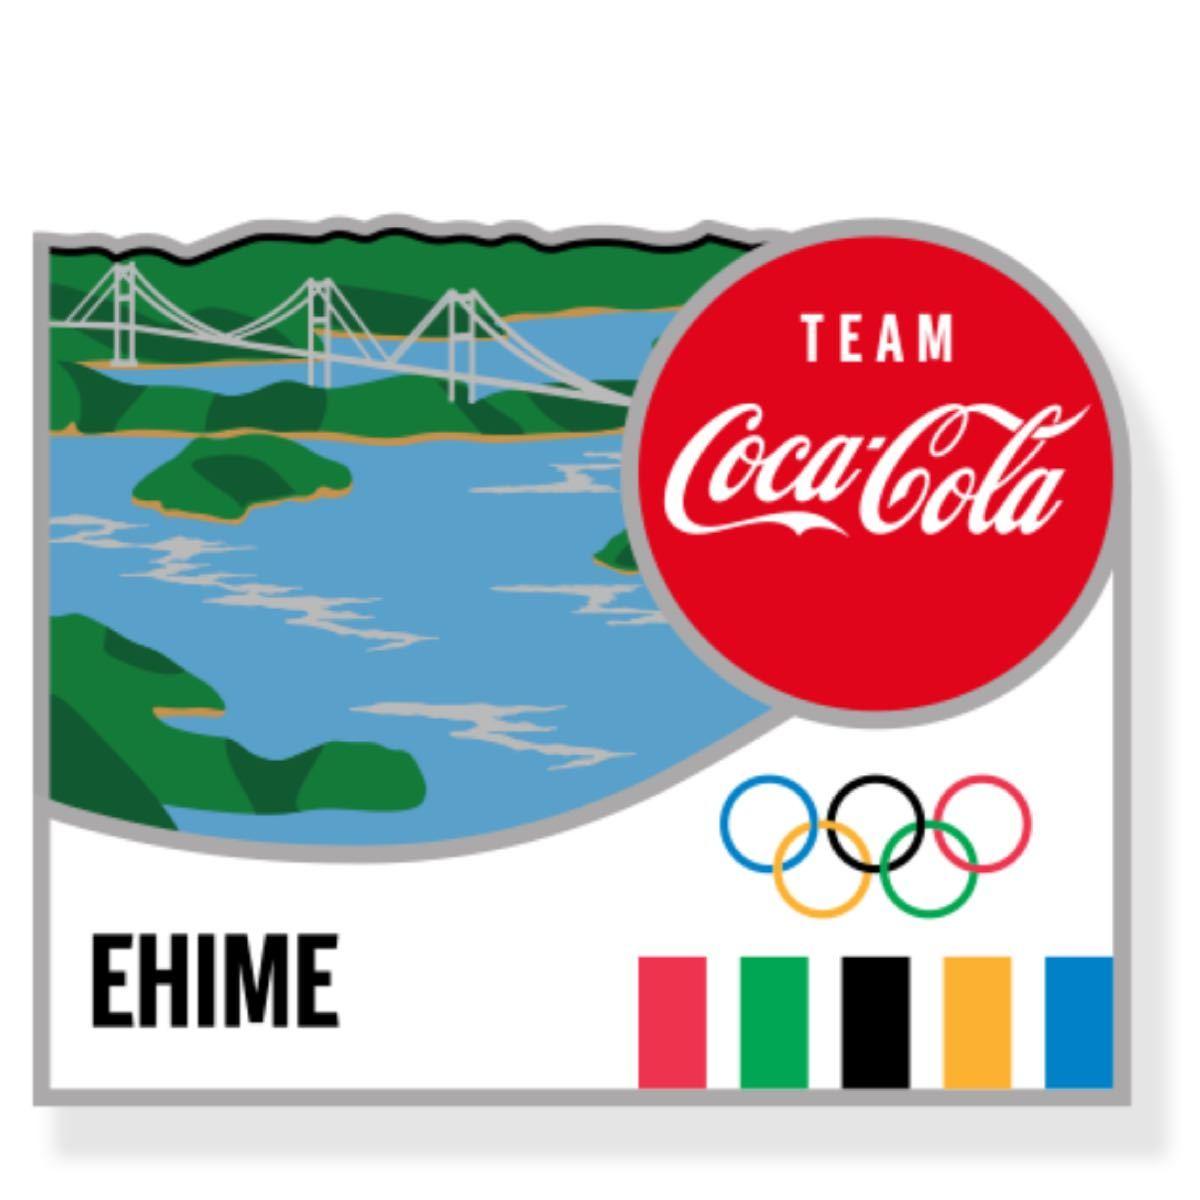 コカコーラ 東京オリンピック ピンバッジ 都道府県 愛媛県 ピンバッチ